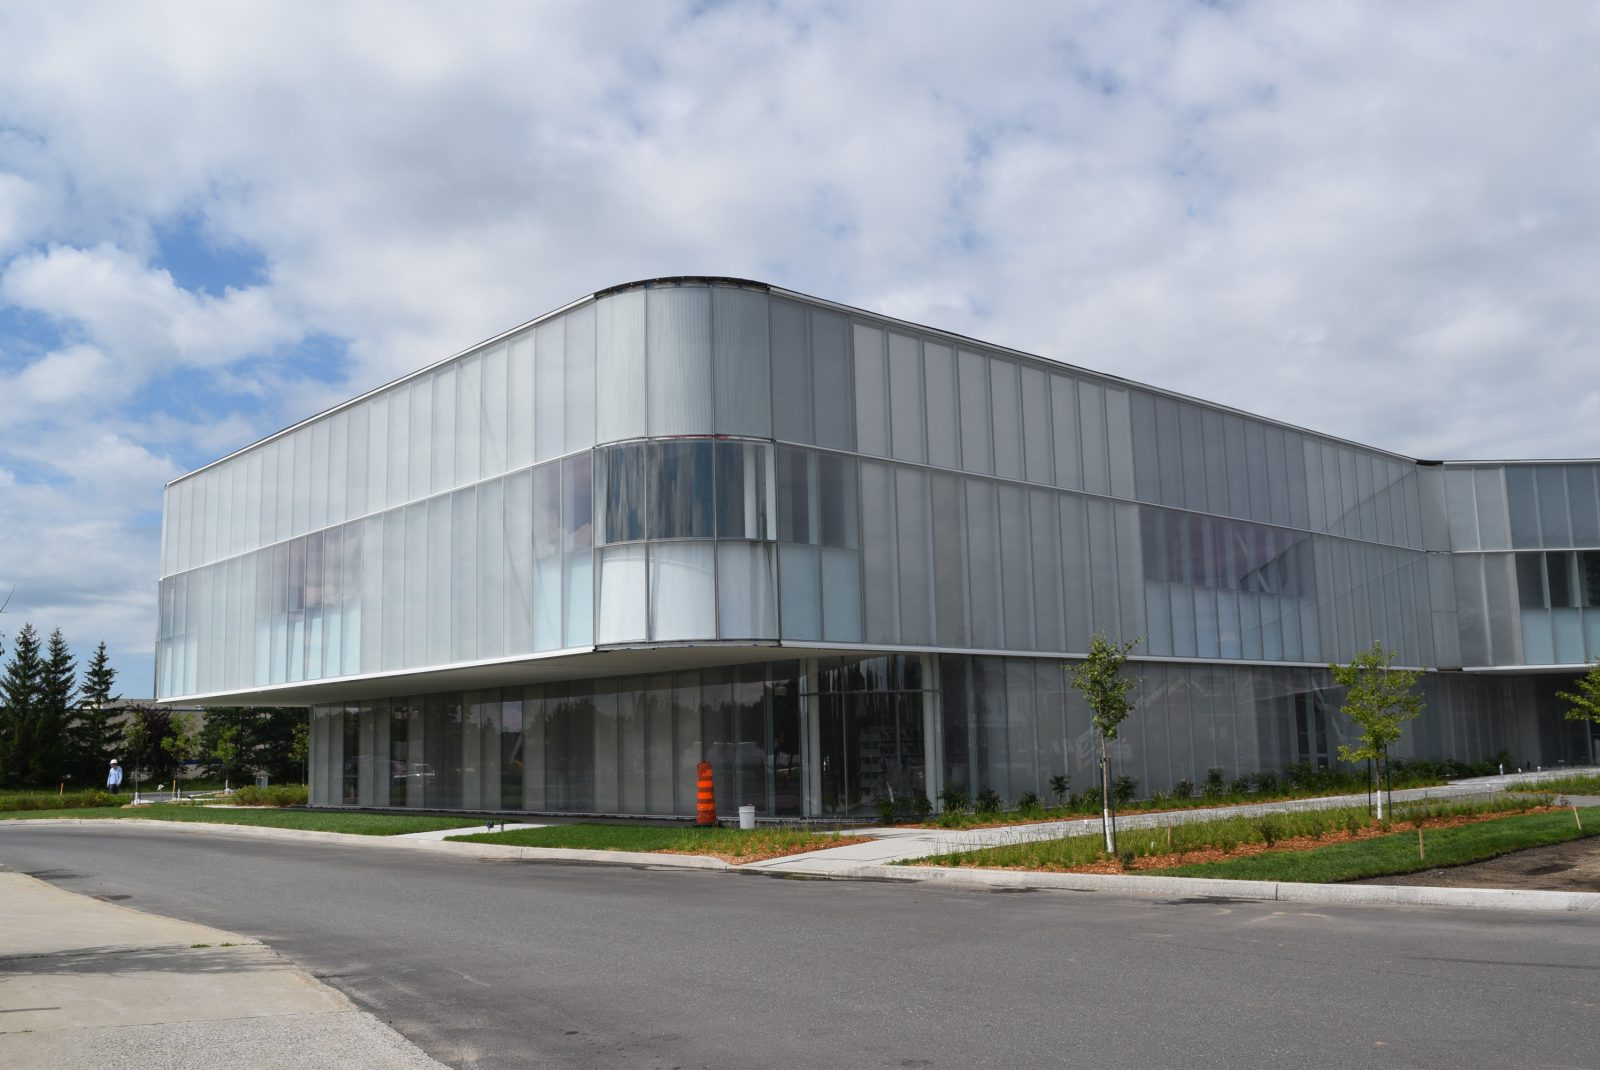 Plus de 310 000 $ alloués à la bibliothèque publique de Drummondville